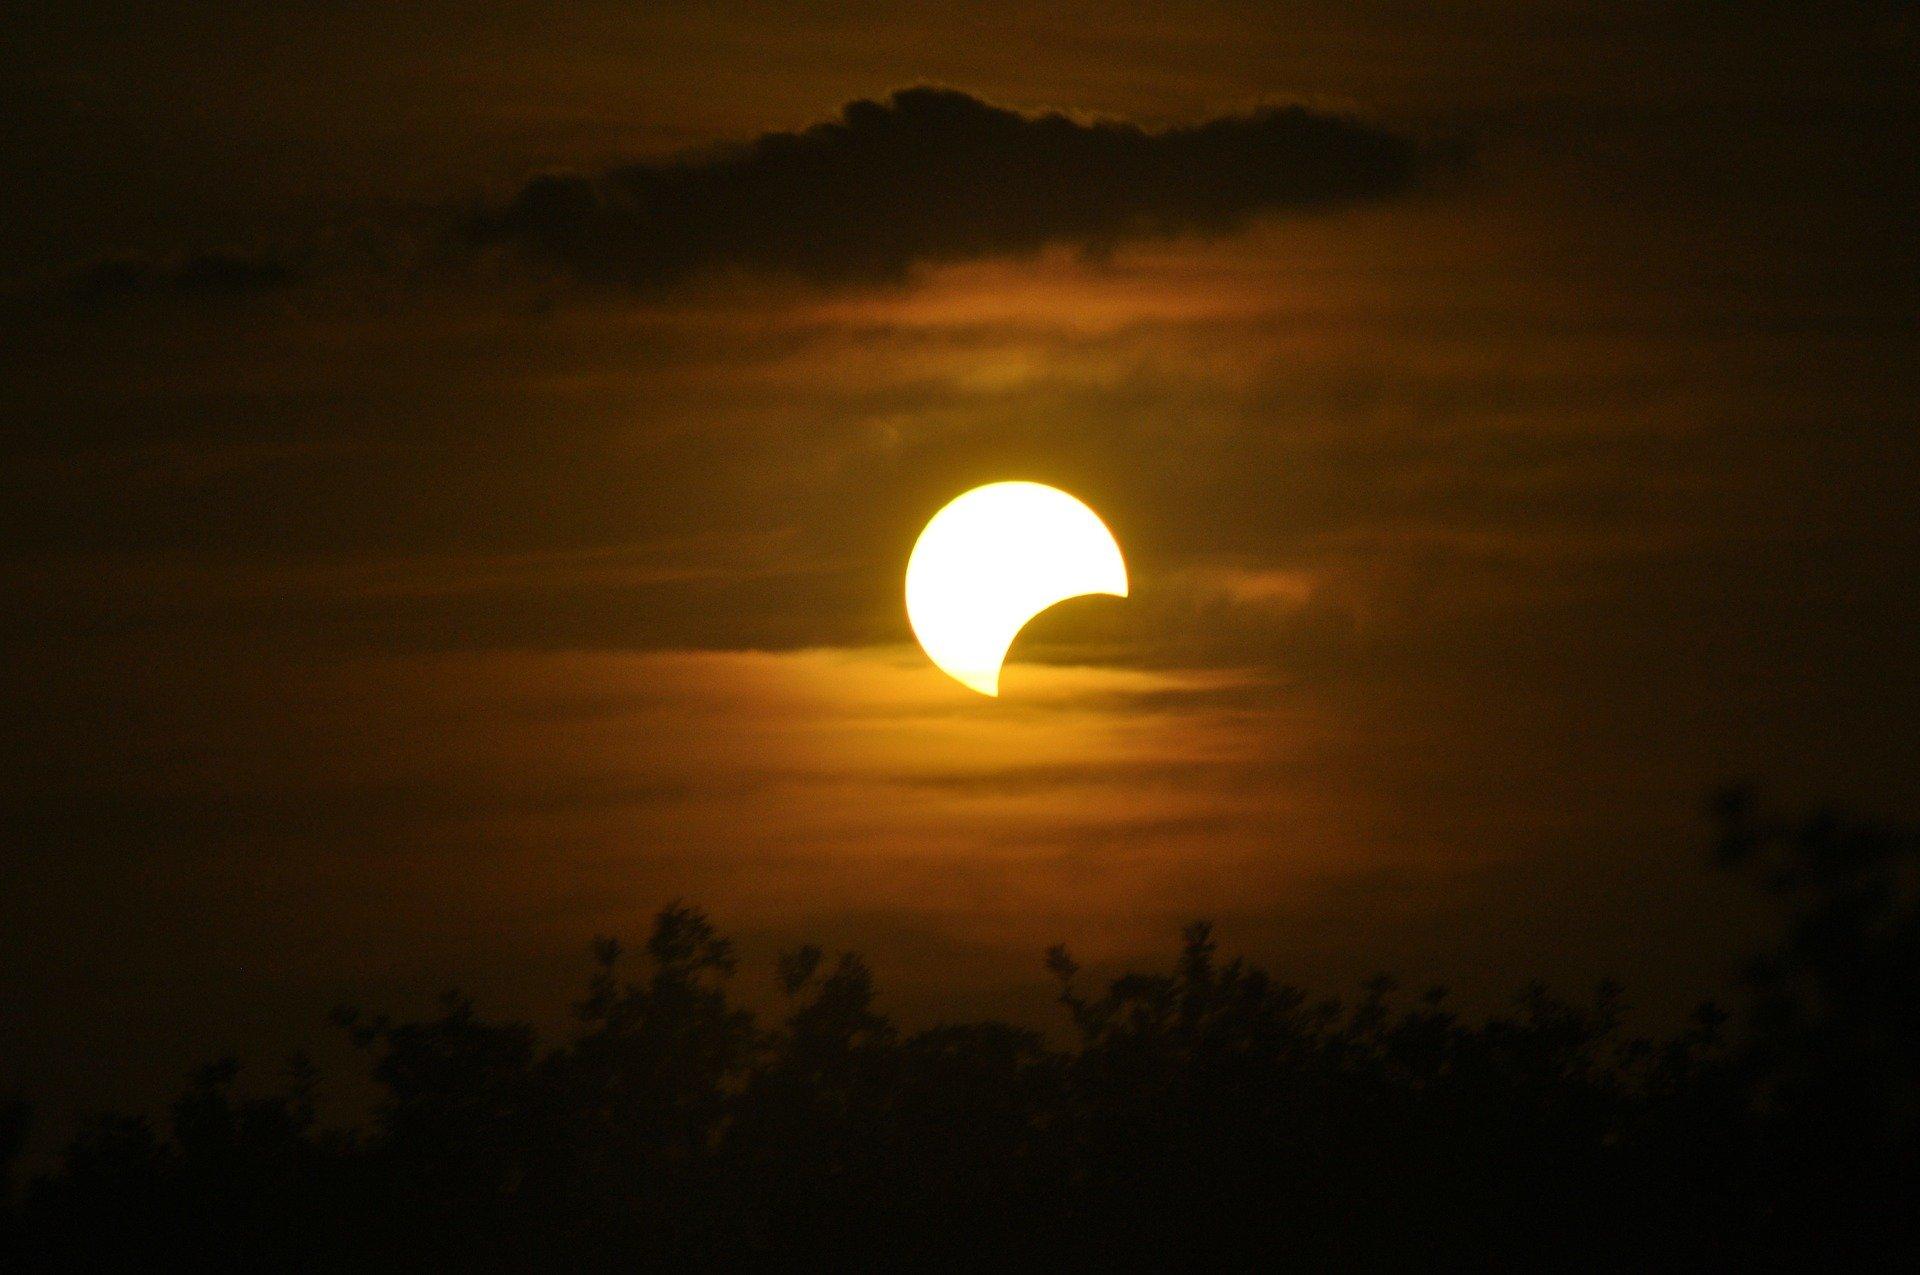 Nieuwe maan en zonsverduistering 10 juni 2021 ♥ Petra Stam ♥ Lichtwerkers Nederland